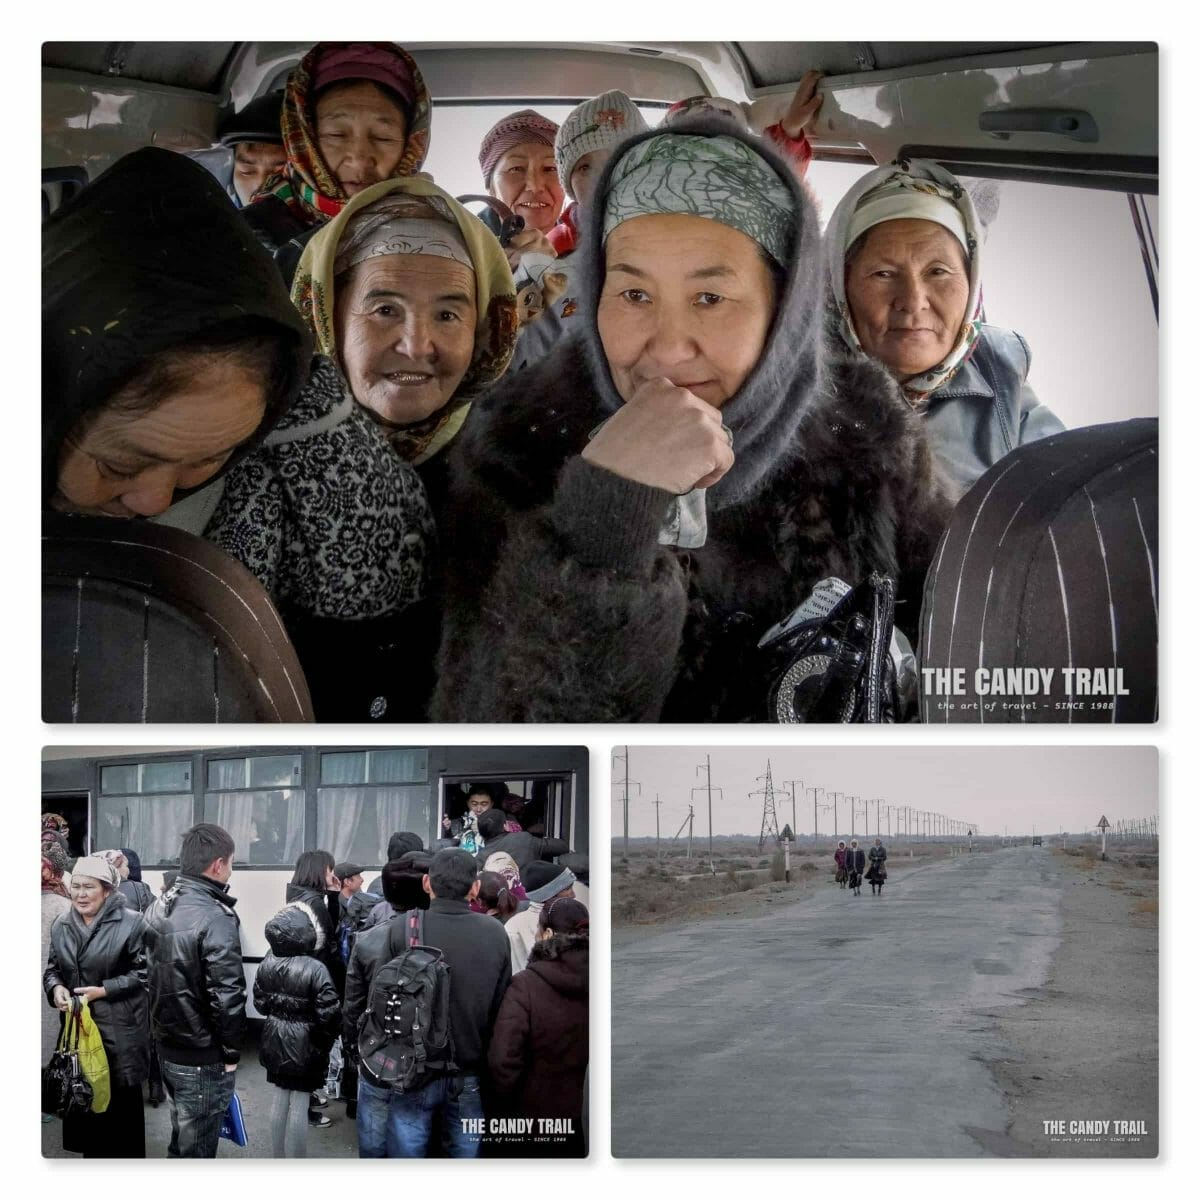 Public transport scenes leaving moynaq in uzbekistan